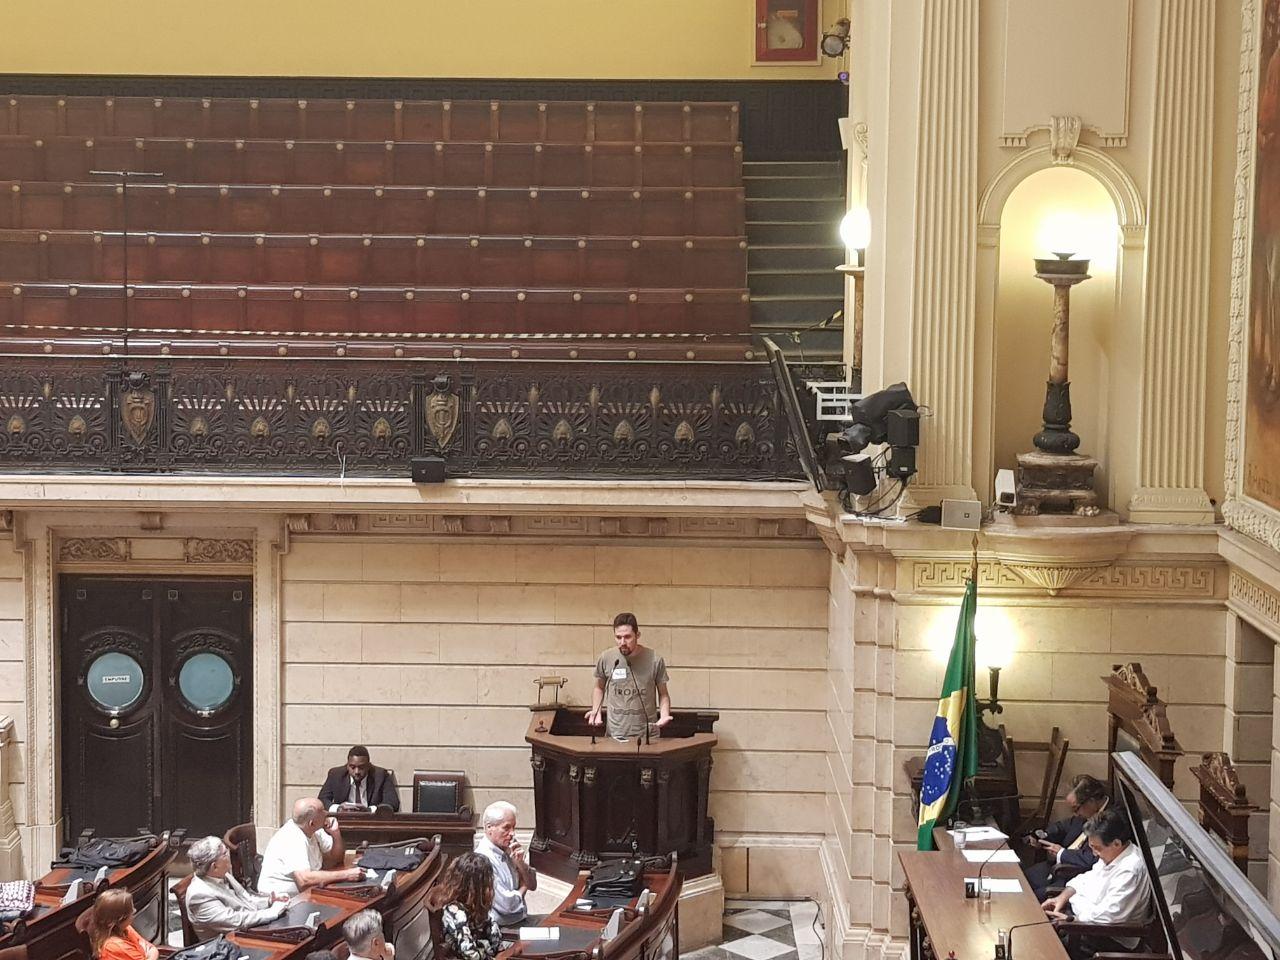 Diretor do SinMed-RJ, Alexandre Telles, participa de Audiência na Câmara dos Vereadores⠀⠀⠀⠀⠀⠀⠀⠀⠀⠀⠀⠀⠀⠀⠀⠀⠀⠀⠀⠀⠀⠀⠀⠀⠀⠀⠀⠀⠀⠀⠀⠀⠀⠀⠀⠀⠀⠀⠀⠀⠀⠀⠀⠀⠀⠀⠀⠀⠀⠀⠀⠀⠀⠀⠀⠀⠀⠀⠀⠀⠀⠀⠀⠀⠀⠀⠀⠀⠀⠀⠀⠀⠀⠀⠀⠀⠀⠀⠀⠀⠀⠀⠀⠀⠀⠀⠀⠀⠀⠀⠀⠀⠀⠀⠀⠀⠀⠀⠀